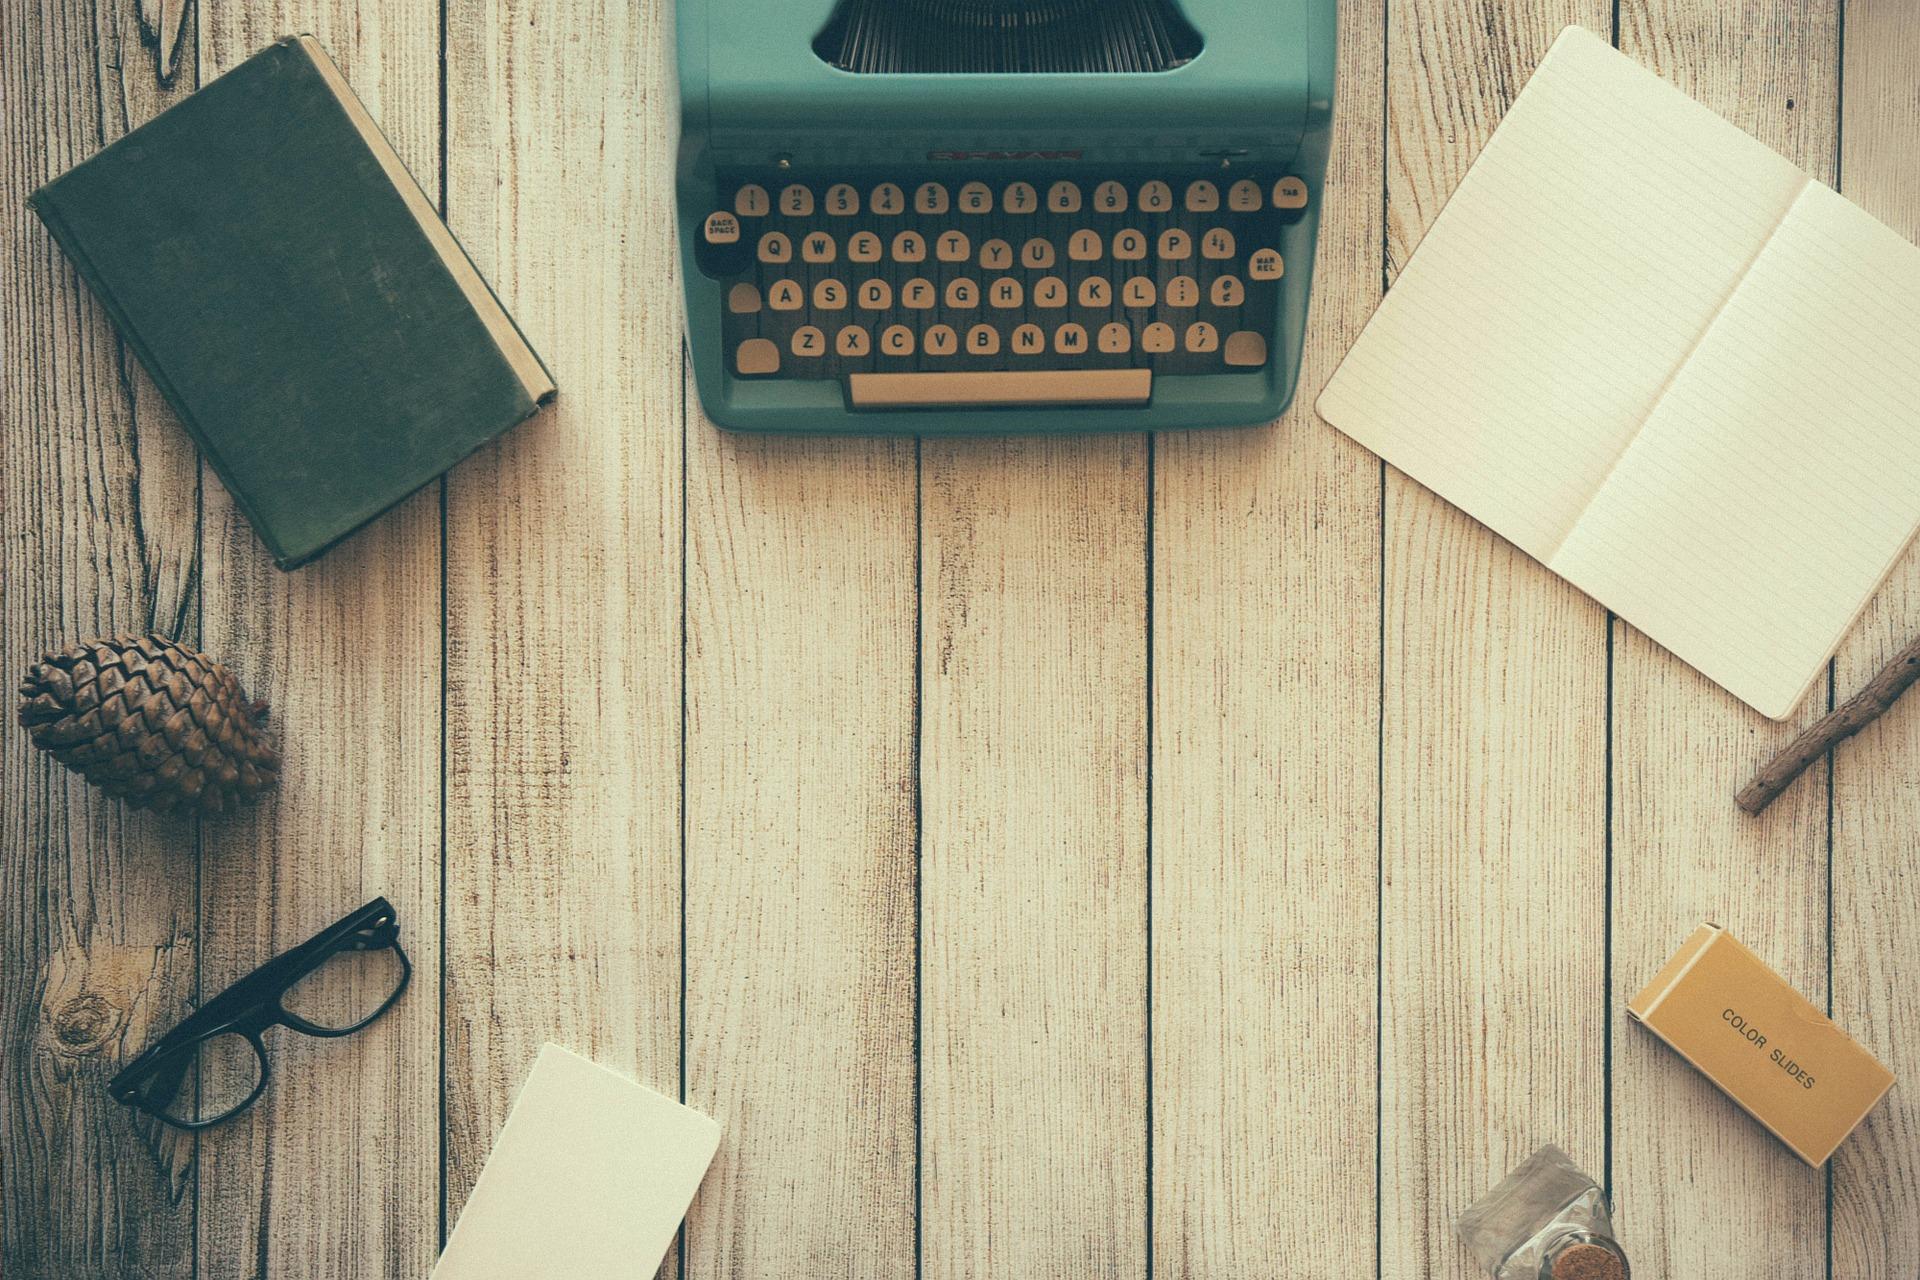 Schreibmaschine, Notizbuch und Co. Quelle: Free-Photos from Pixabay